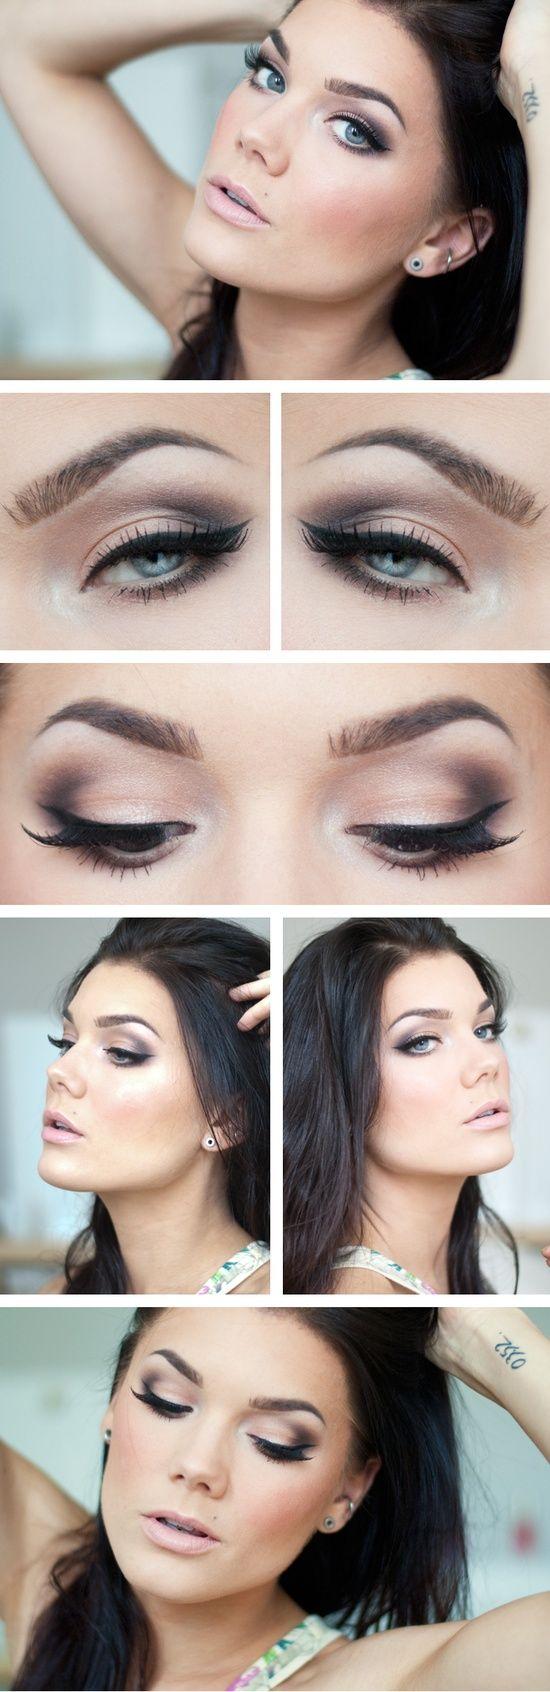 tutorial para uma maquiagem linda: